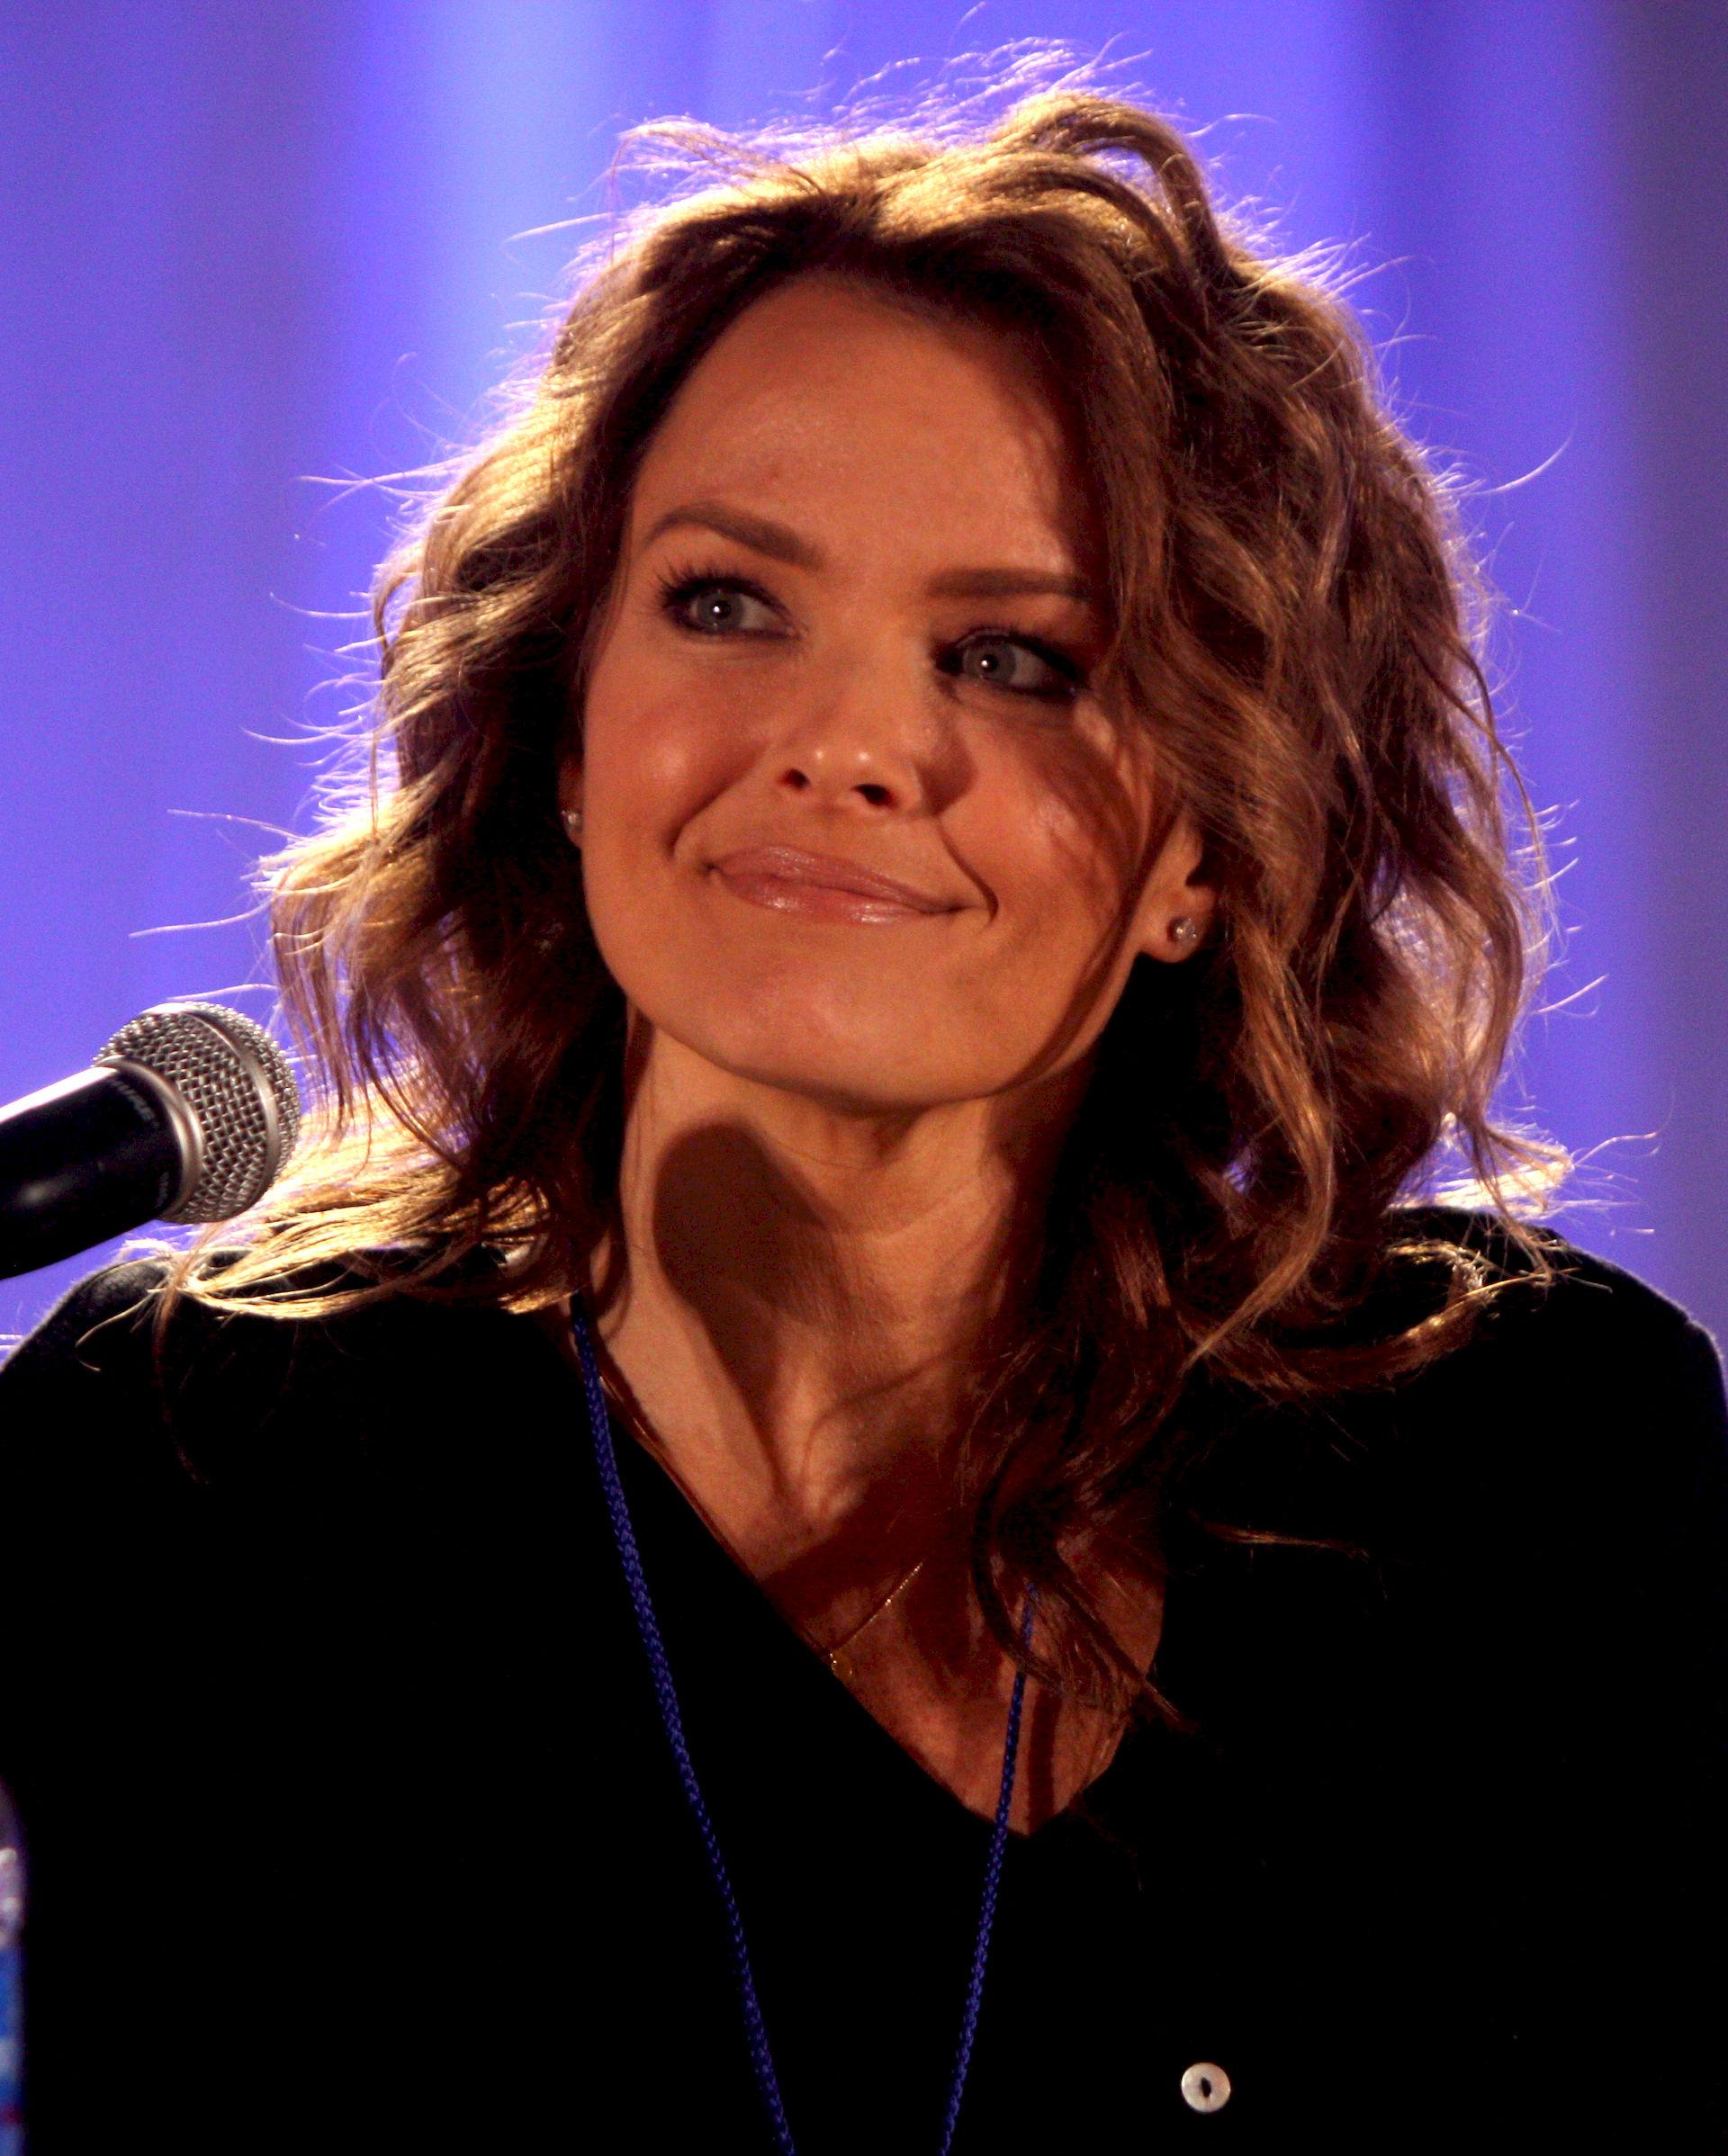 Photo of Dina Meyer: American actress